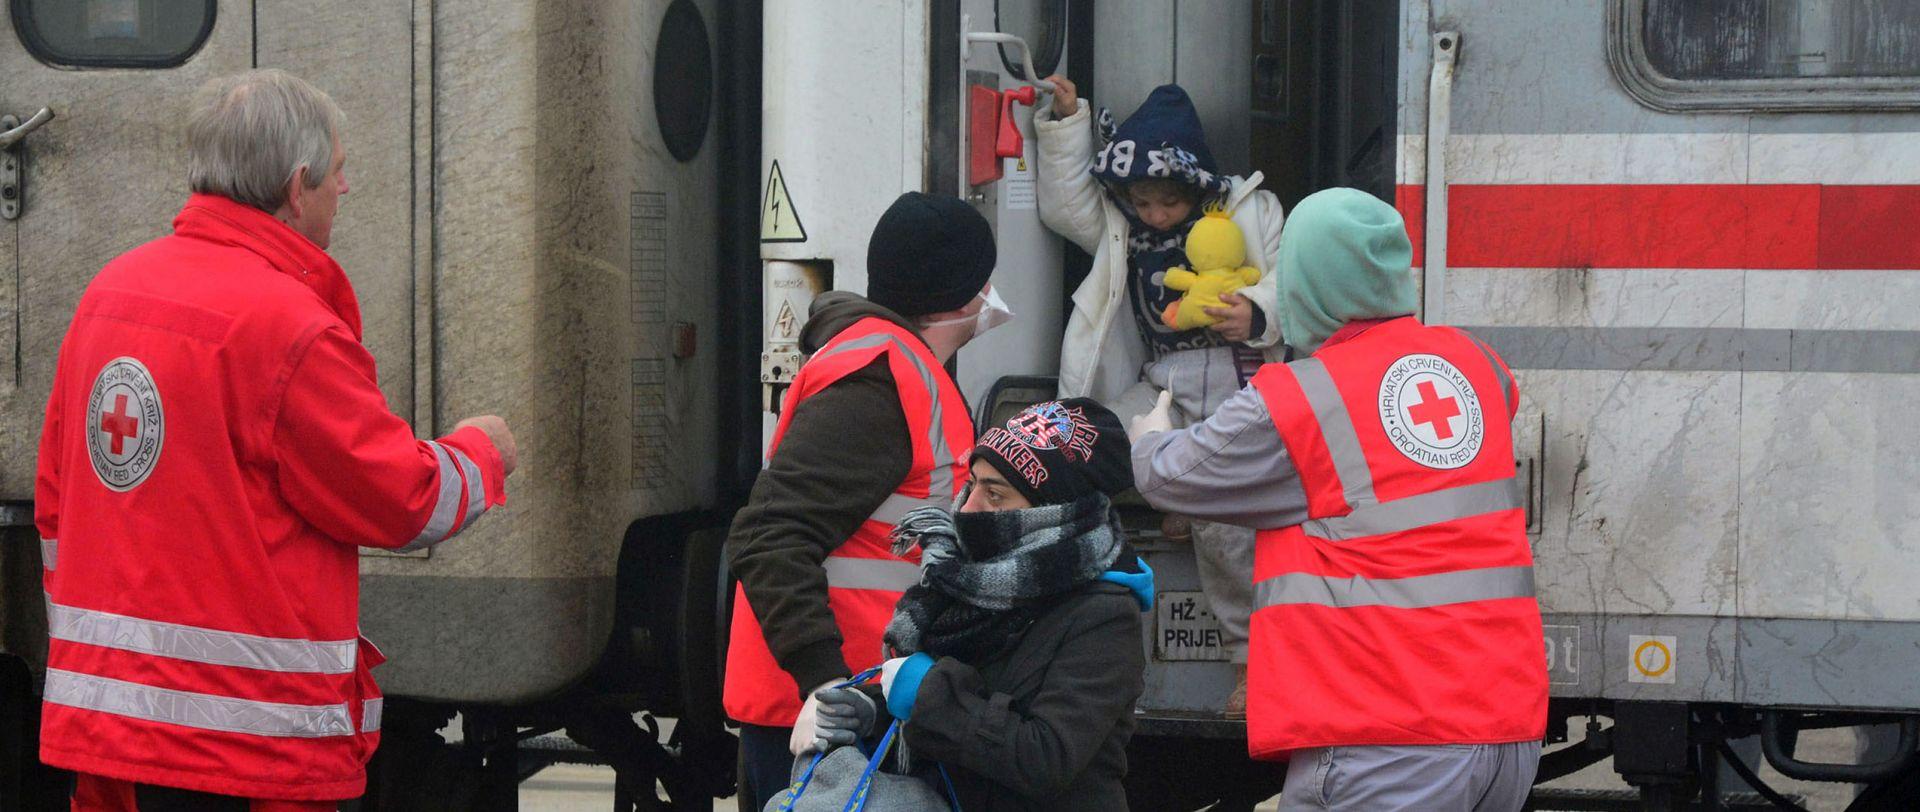 NOVO PRIHVATILIŠTE: U tranzitni centar u Slavonskom Brodu stigao prvi vlak iz Šida